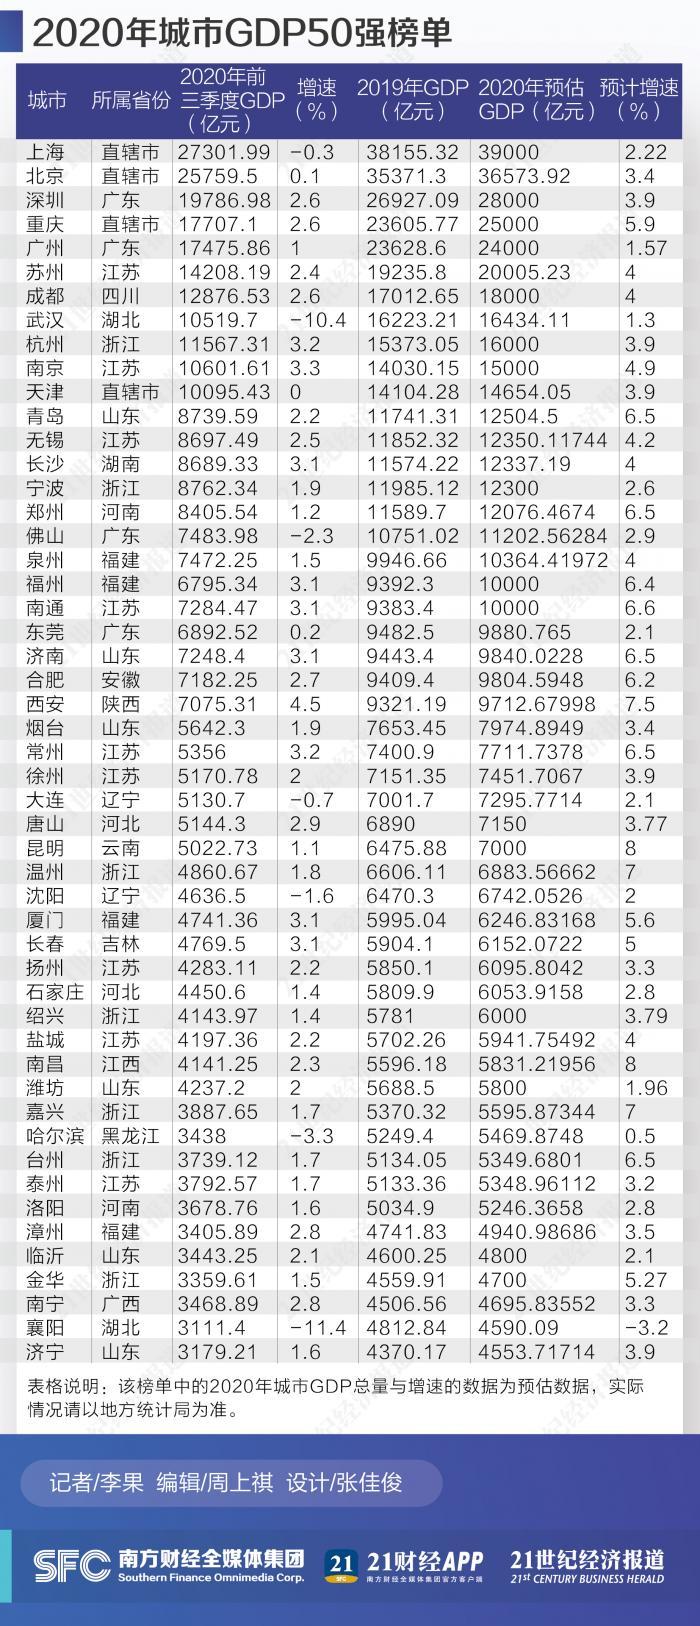 2020年六安地区gdp排行榜_马鞍山:2020年GDP增幅跃居全省第3,提升4个位次